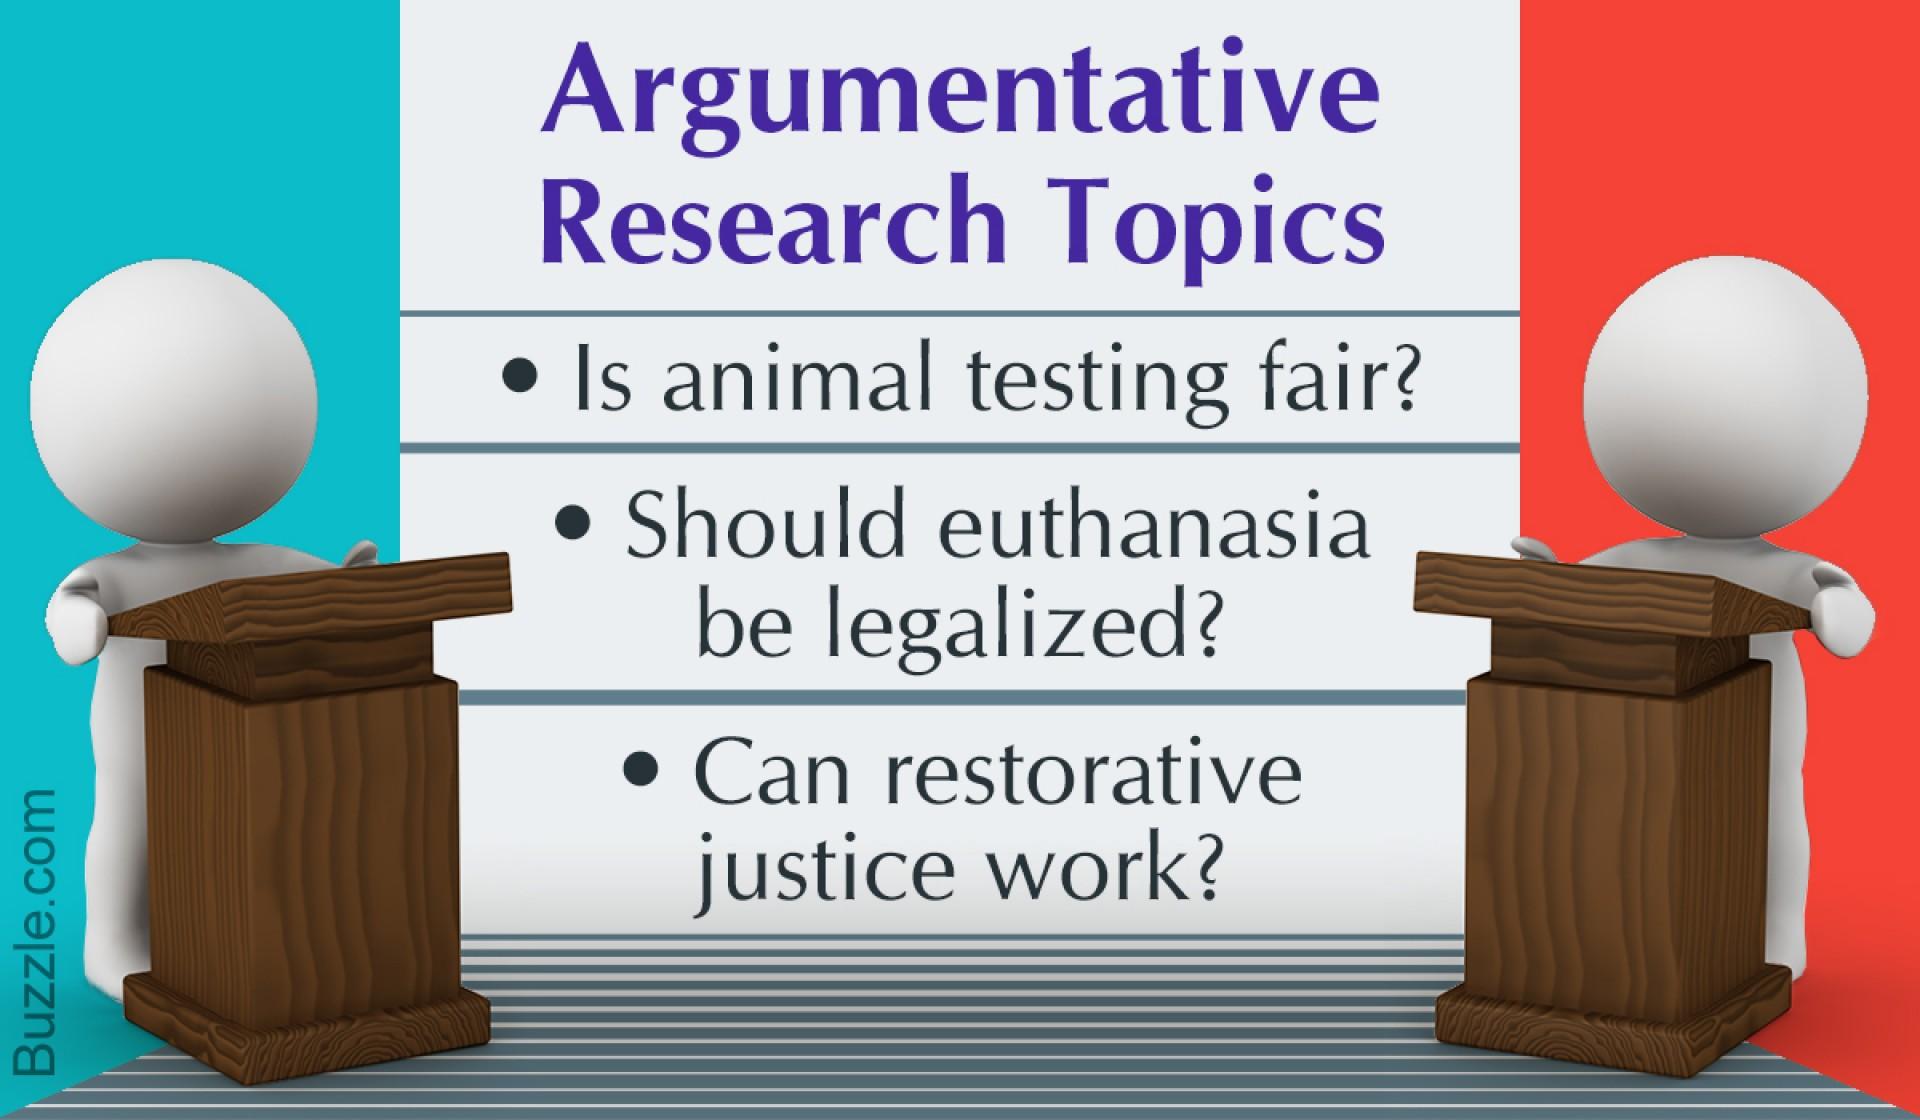 011 Argumentative Essay Topics Christian Persuasive Imposing 1920